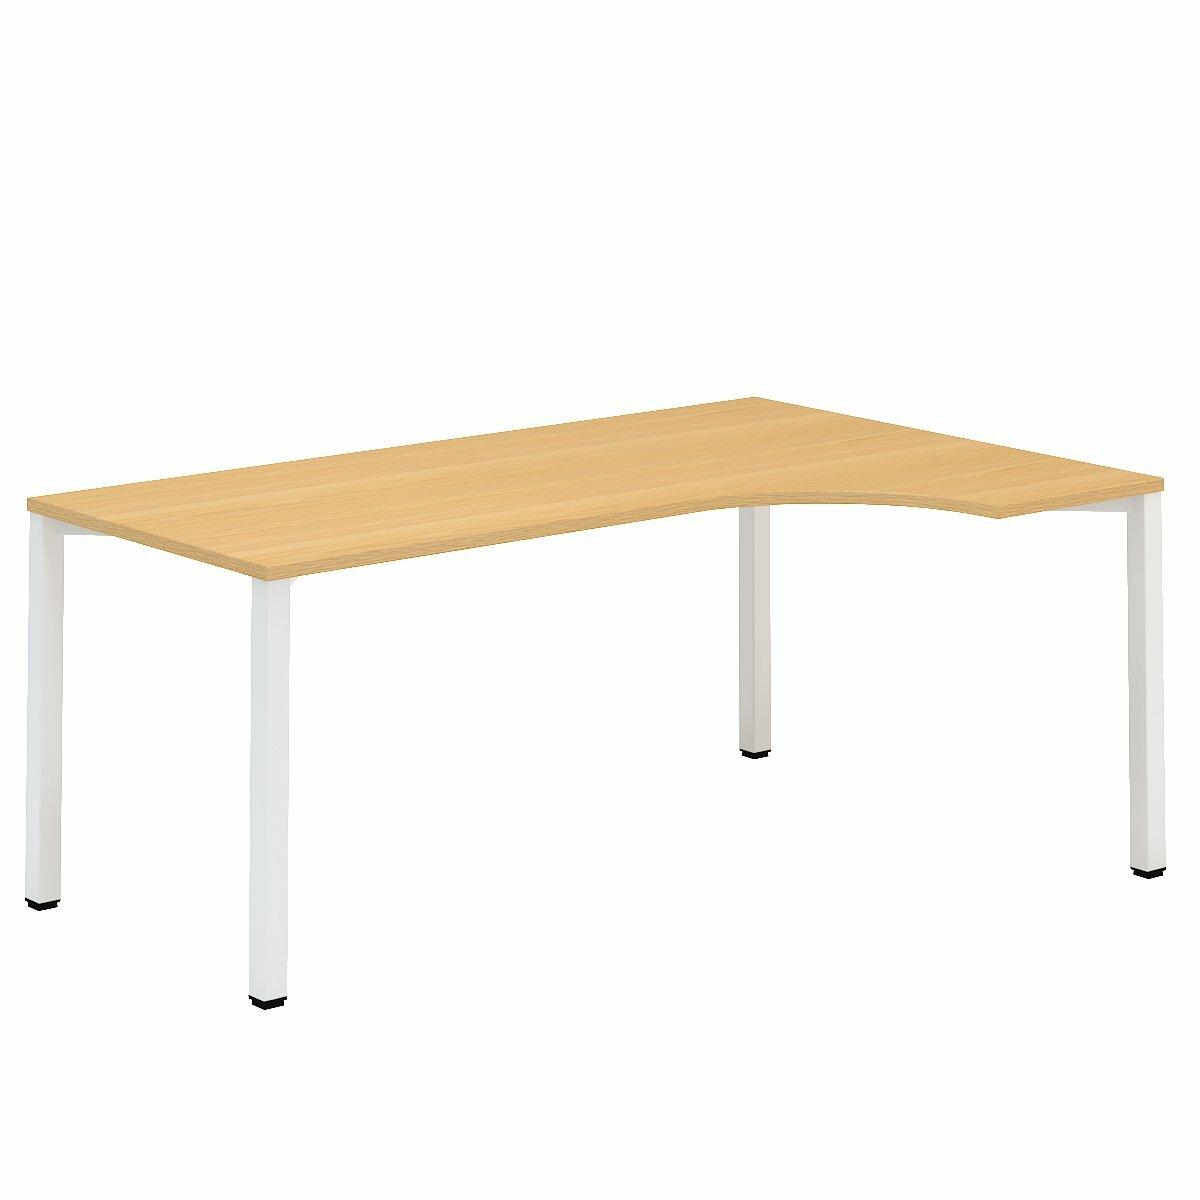 Kancelářský stůl FA 200, pravý, rohový 1800/450x1200/800mm